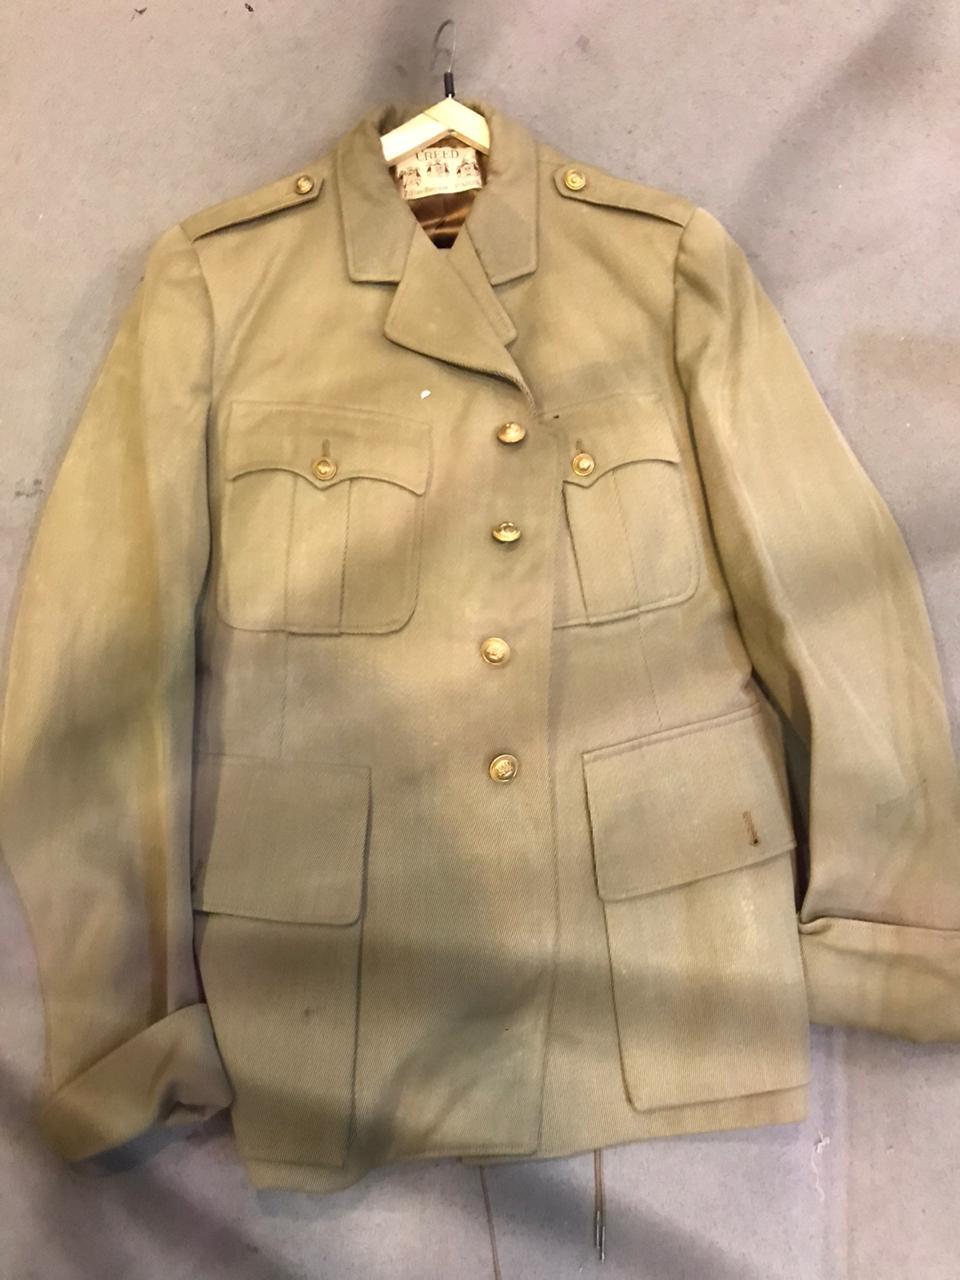 uniforme francais 1939? Uni110